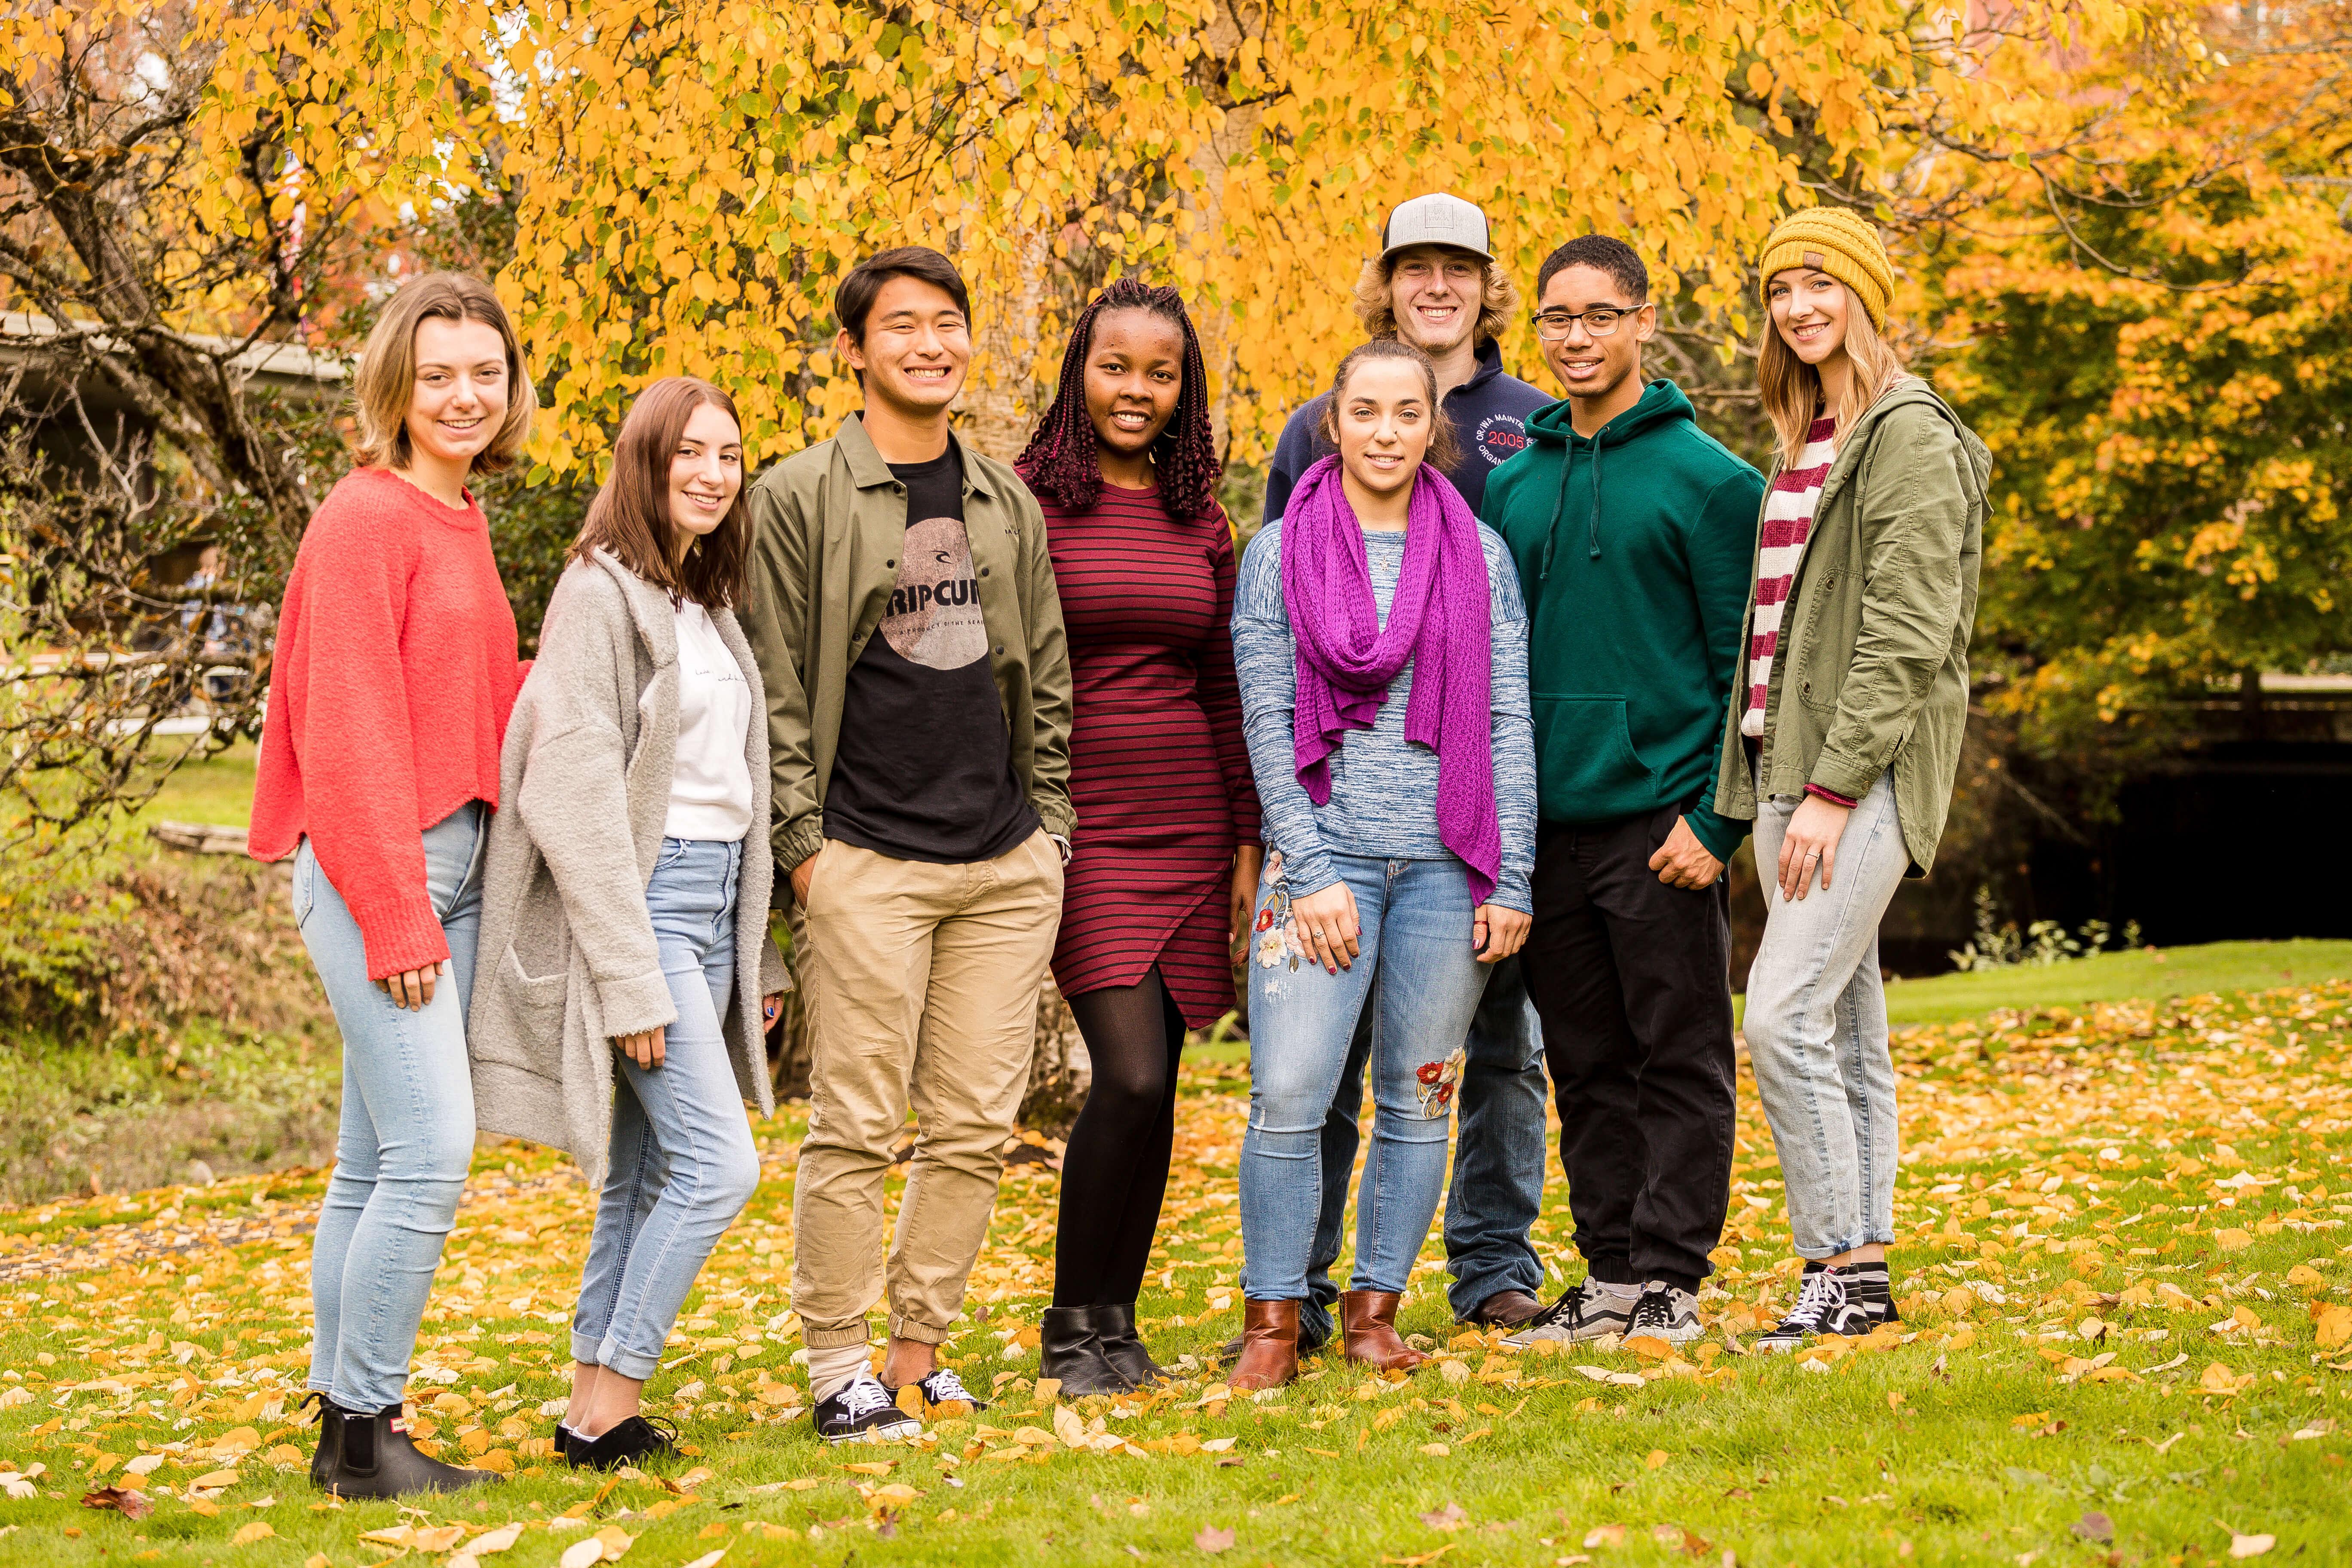 Bushnell University